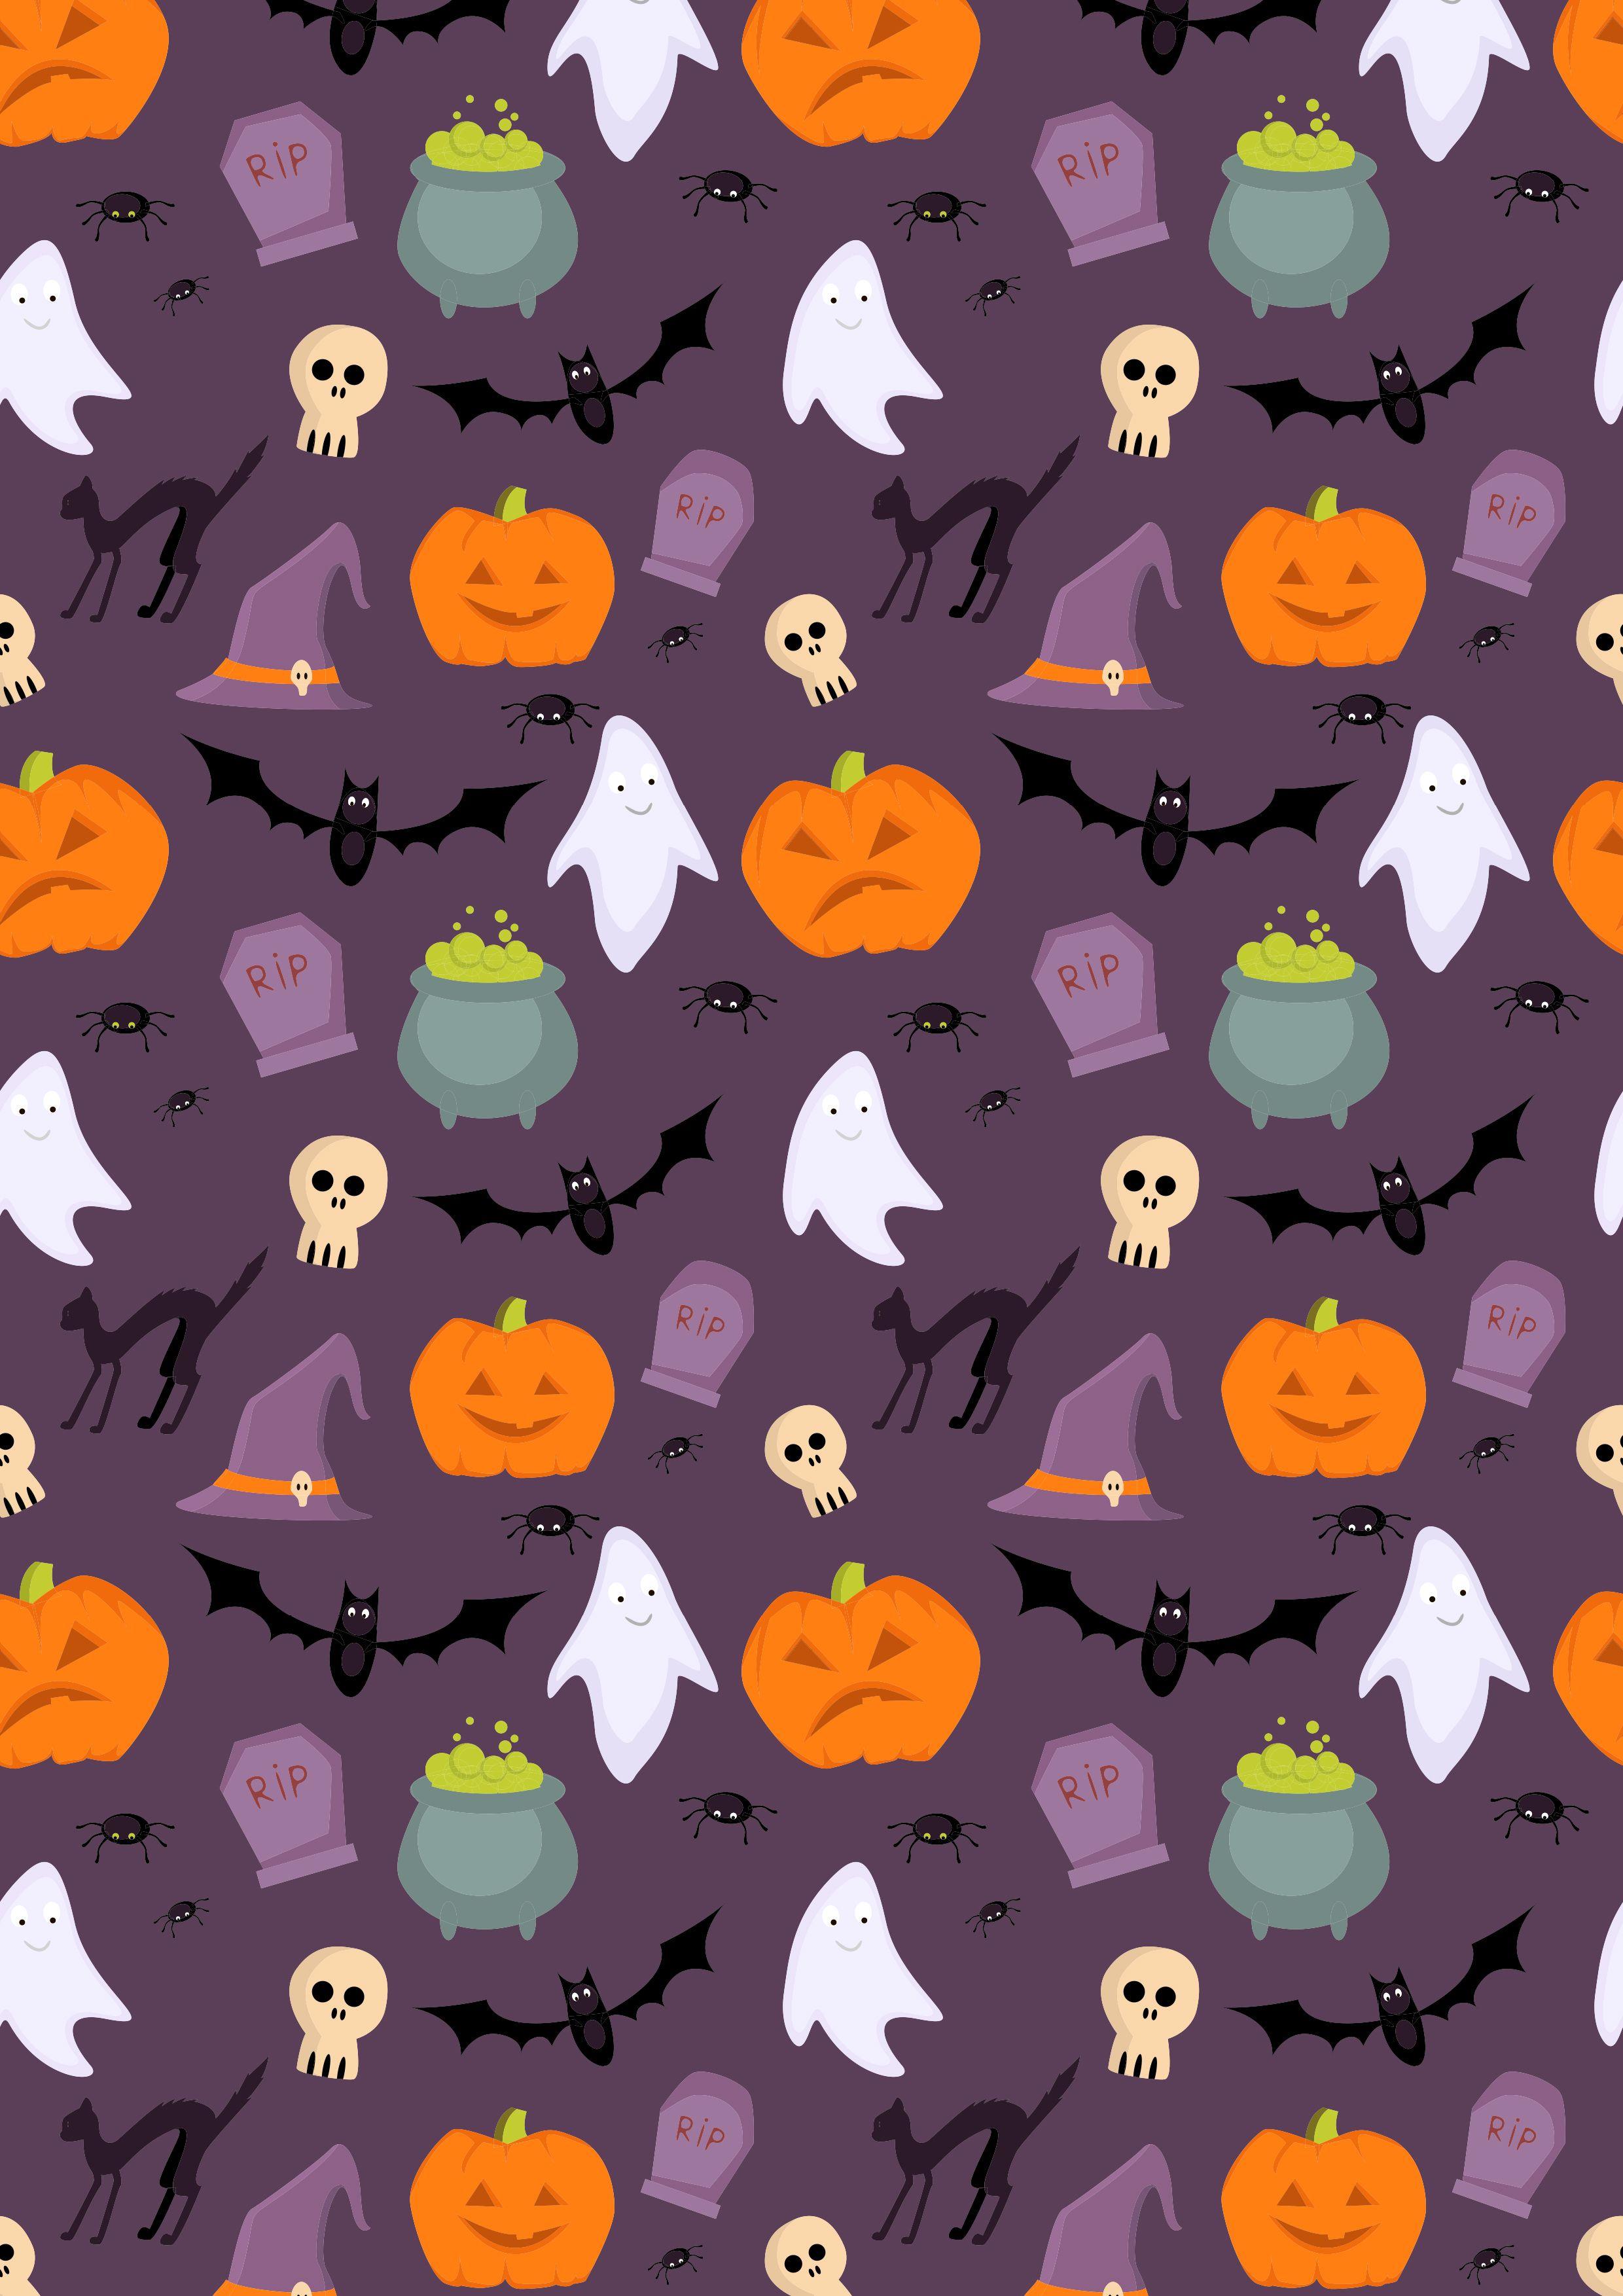 Halloween Halloween Backgrounds Halloween Patterns Halloween Illustration